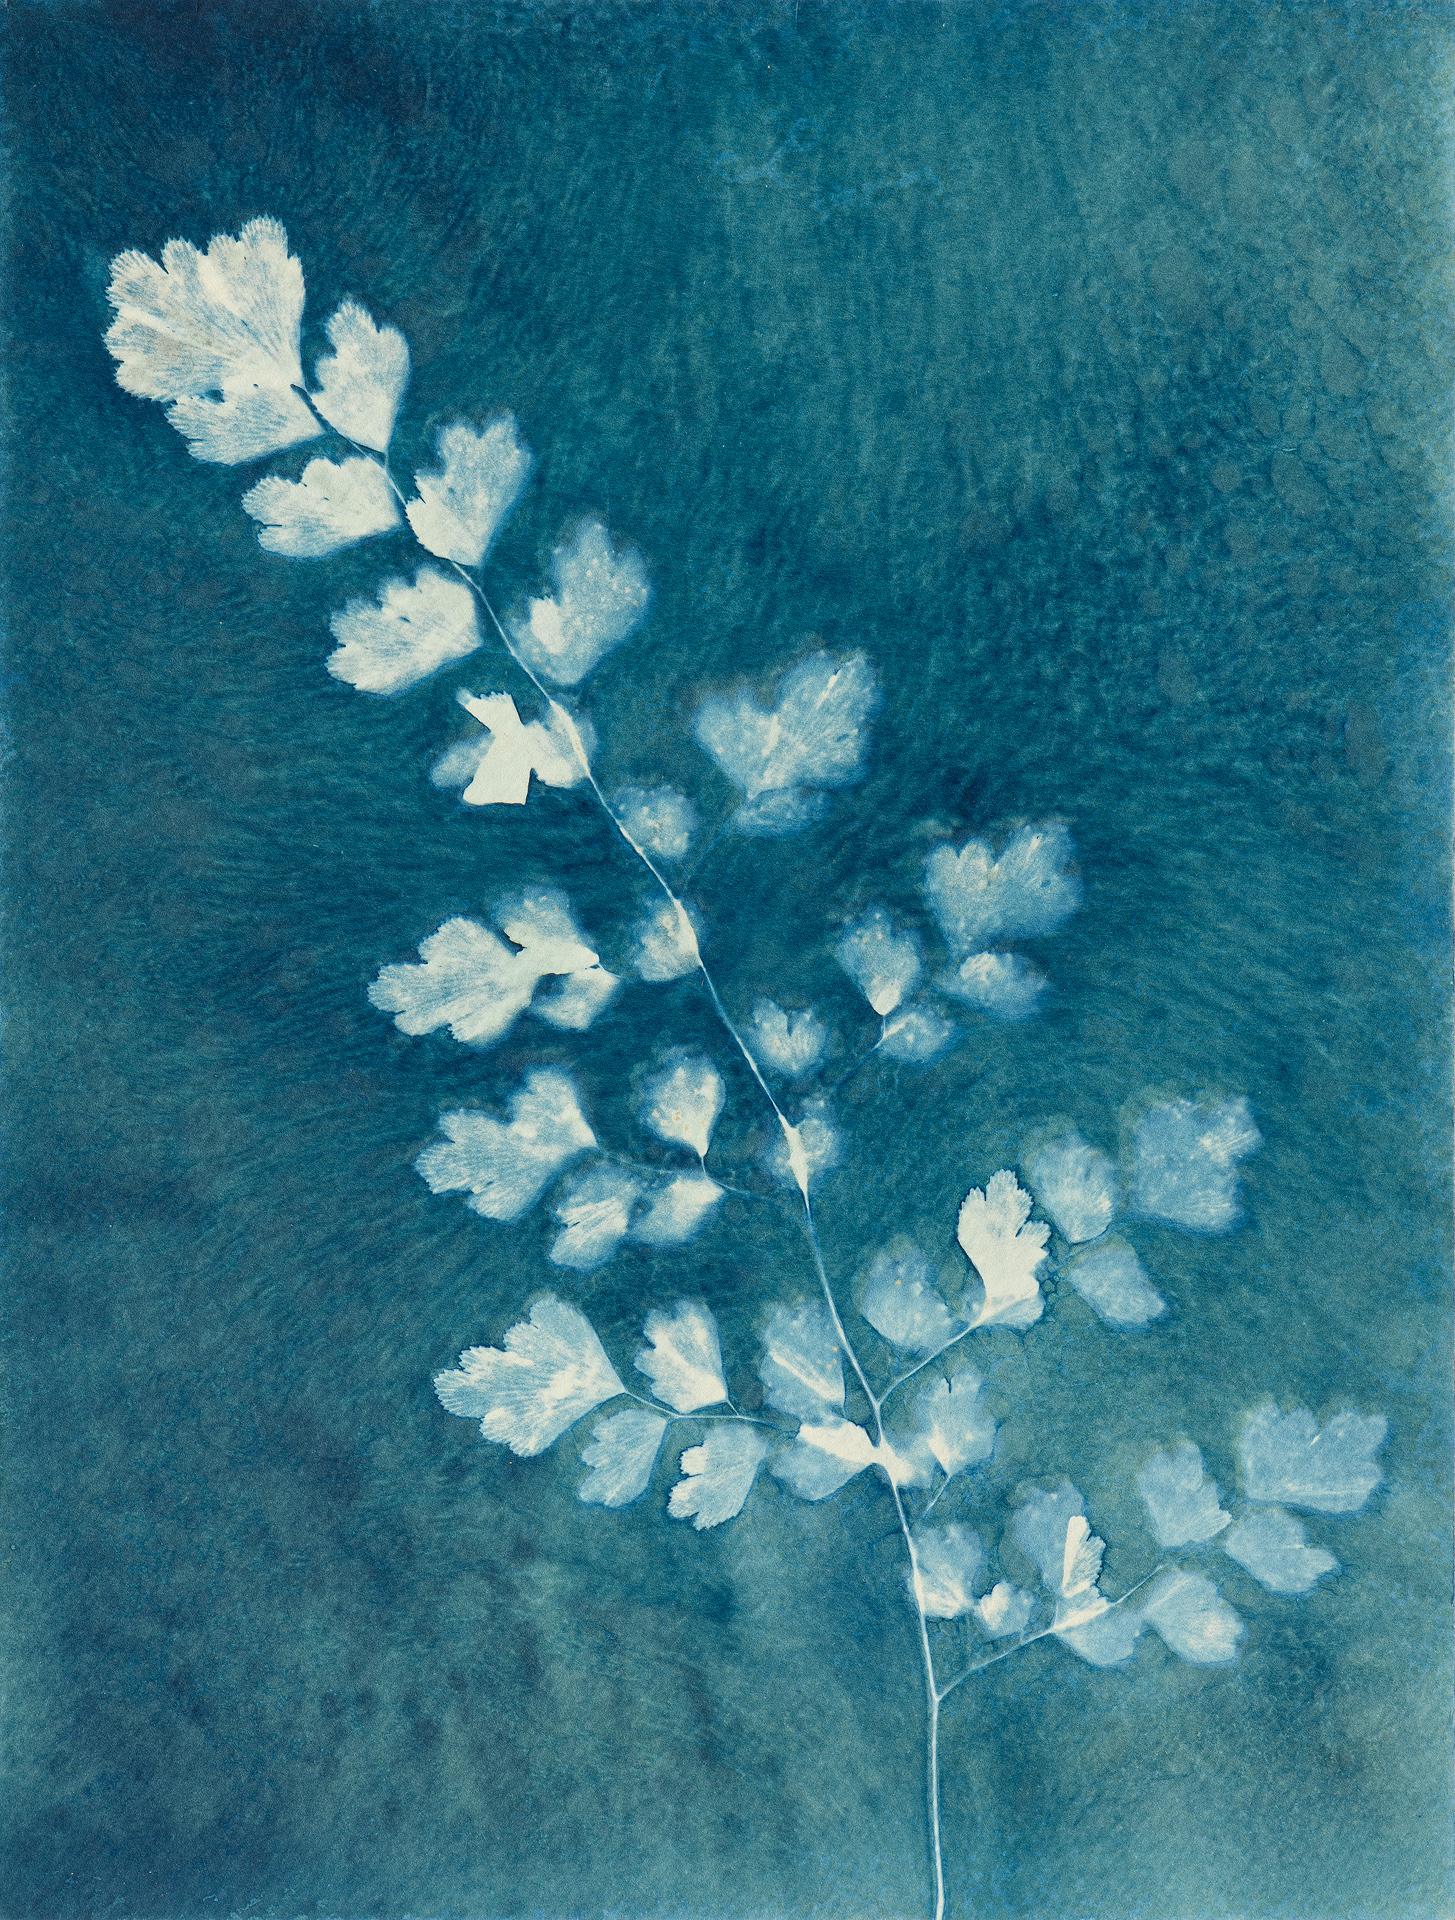 Adiantum aethiopicum – Maidenhair fern